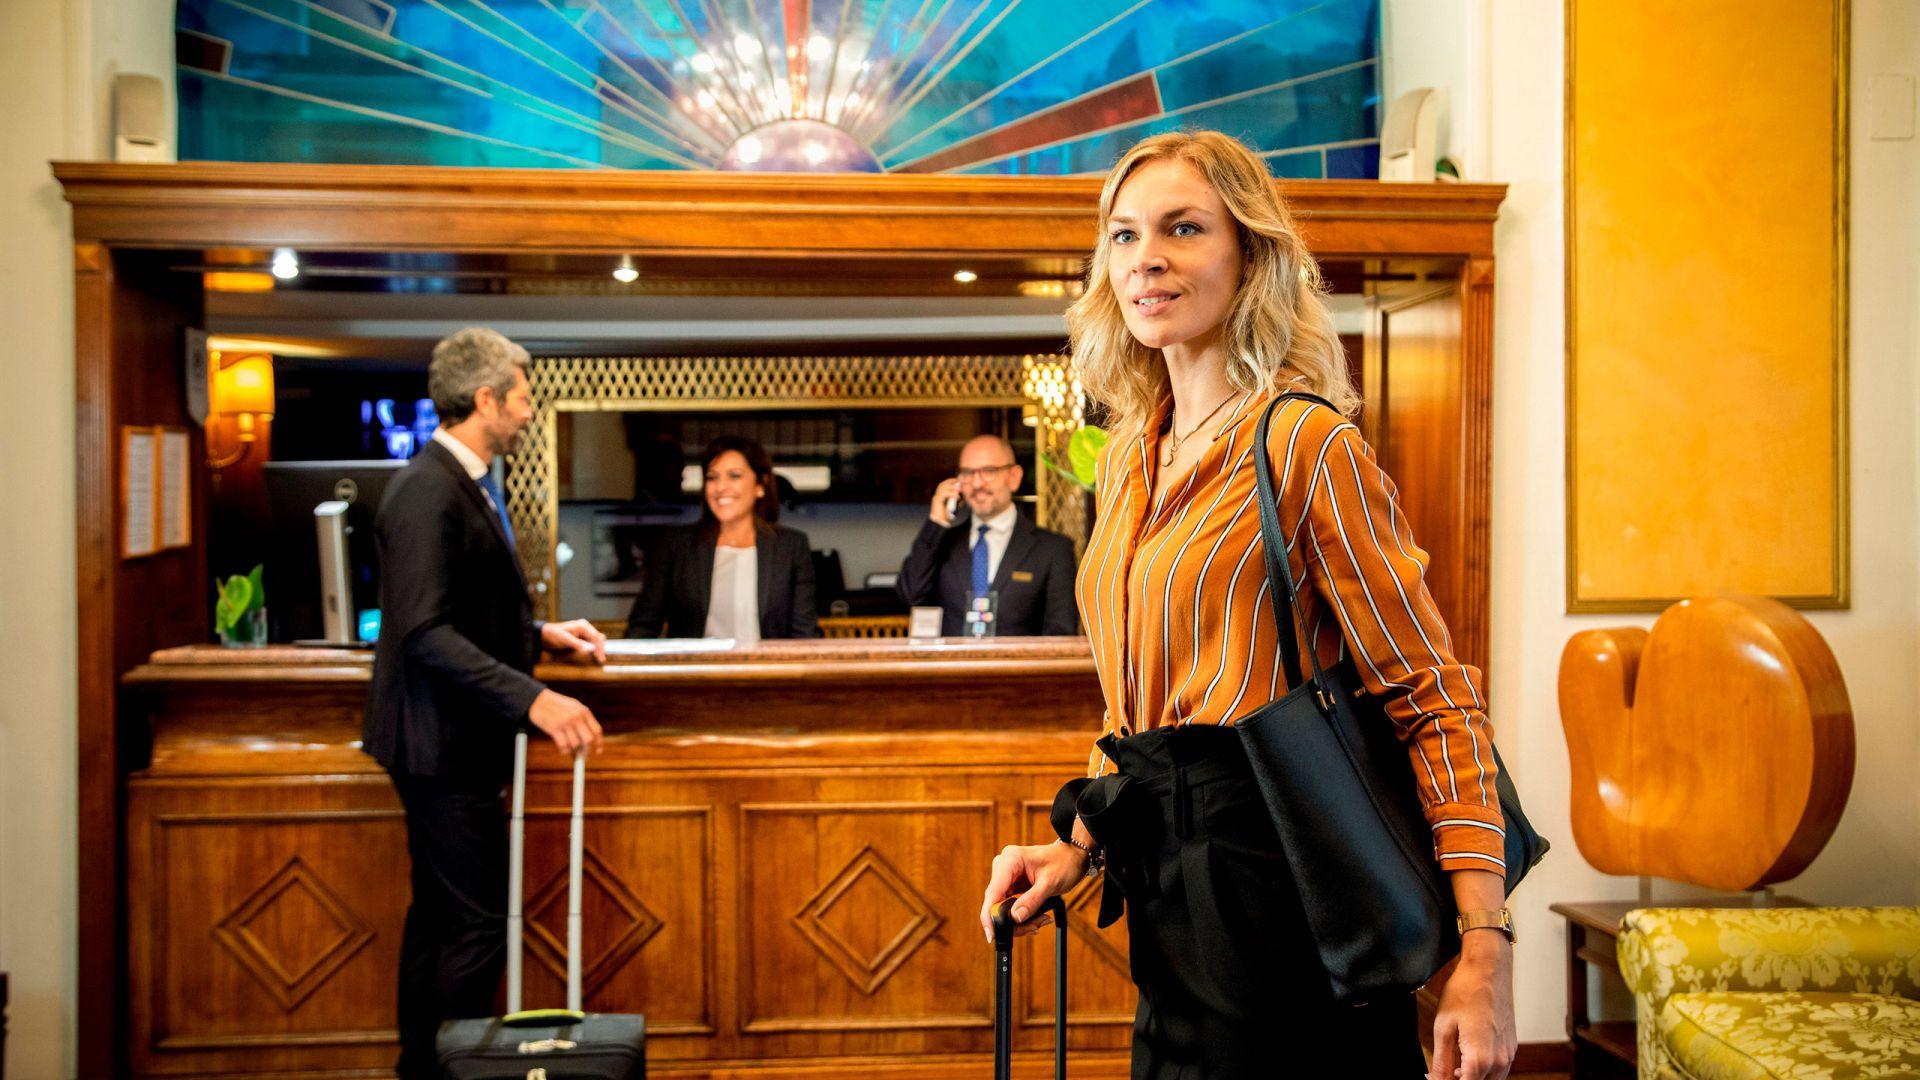 IMG-6522--Hotel-Oxofrd-Roma-Quart-Restaurant.jpg